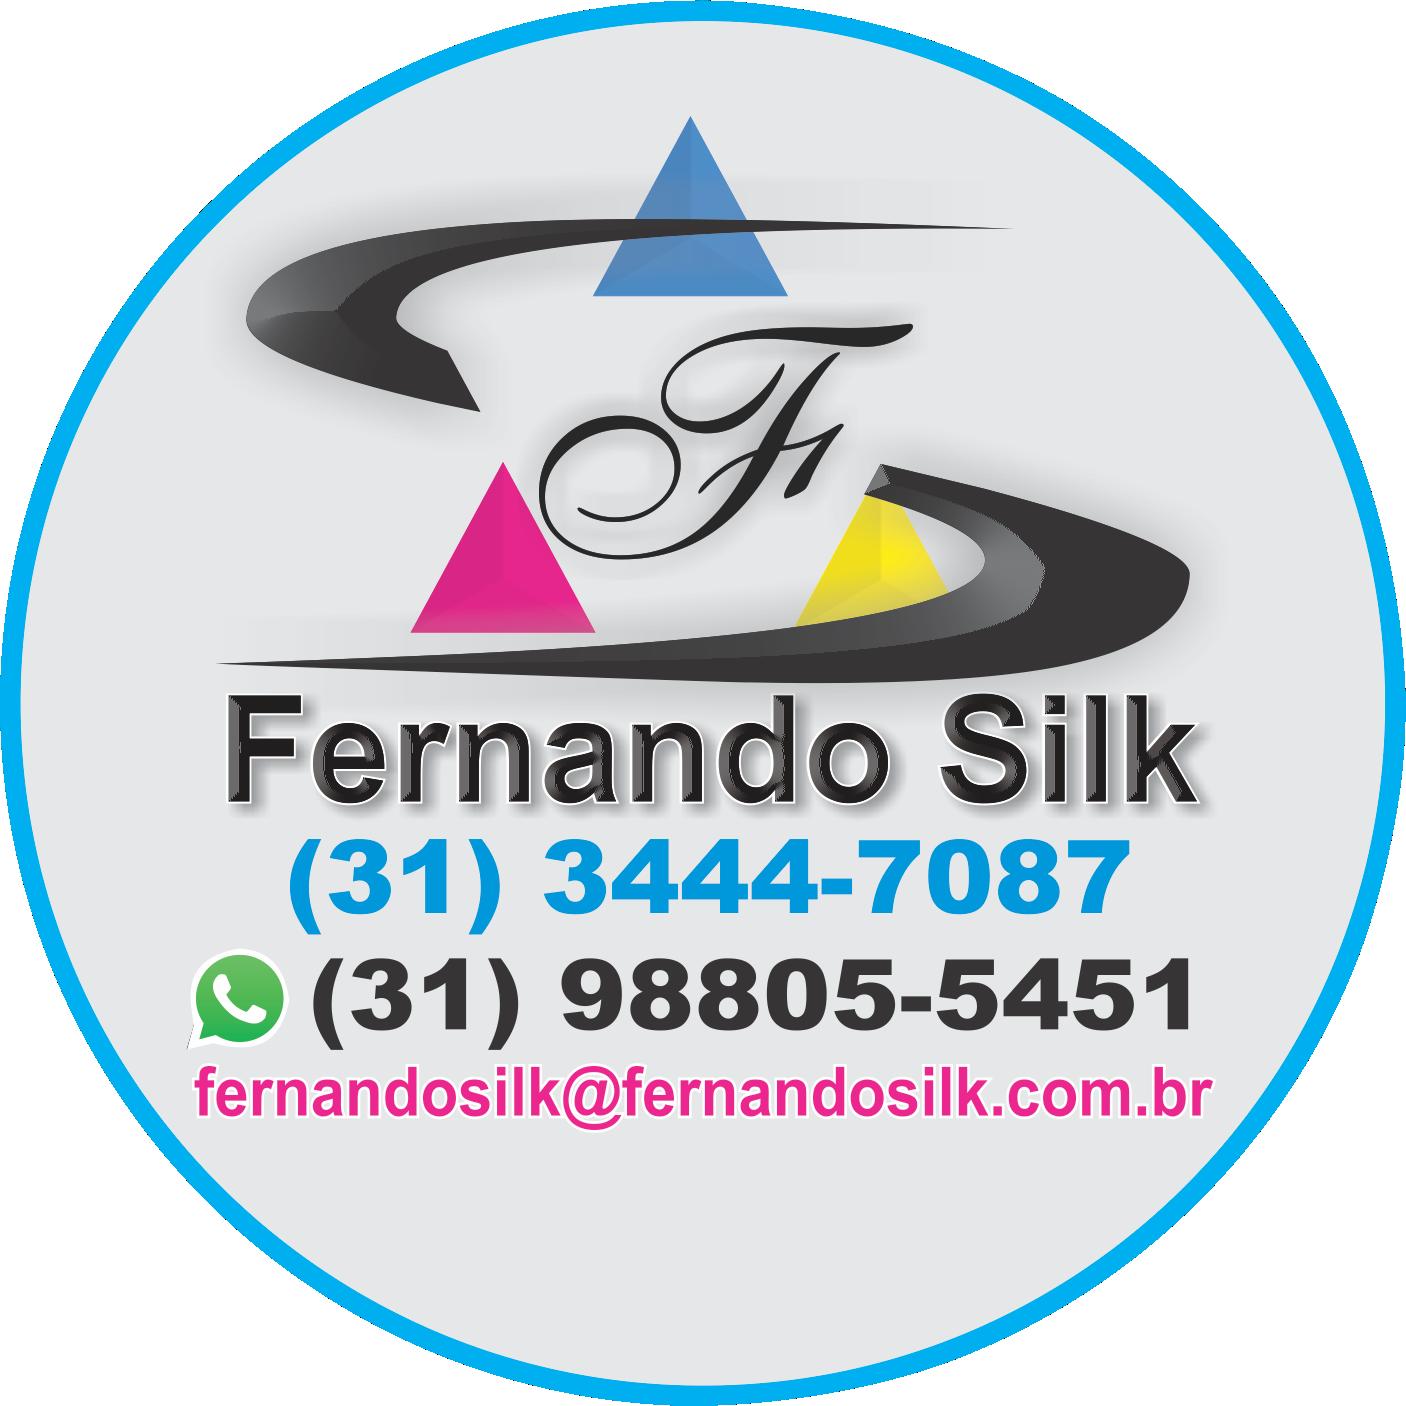 Fernando Silk              Estamos em Manutenção